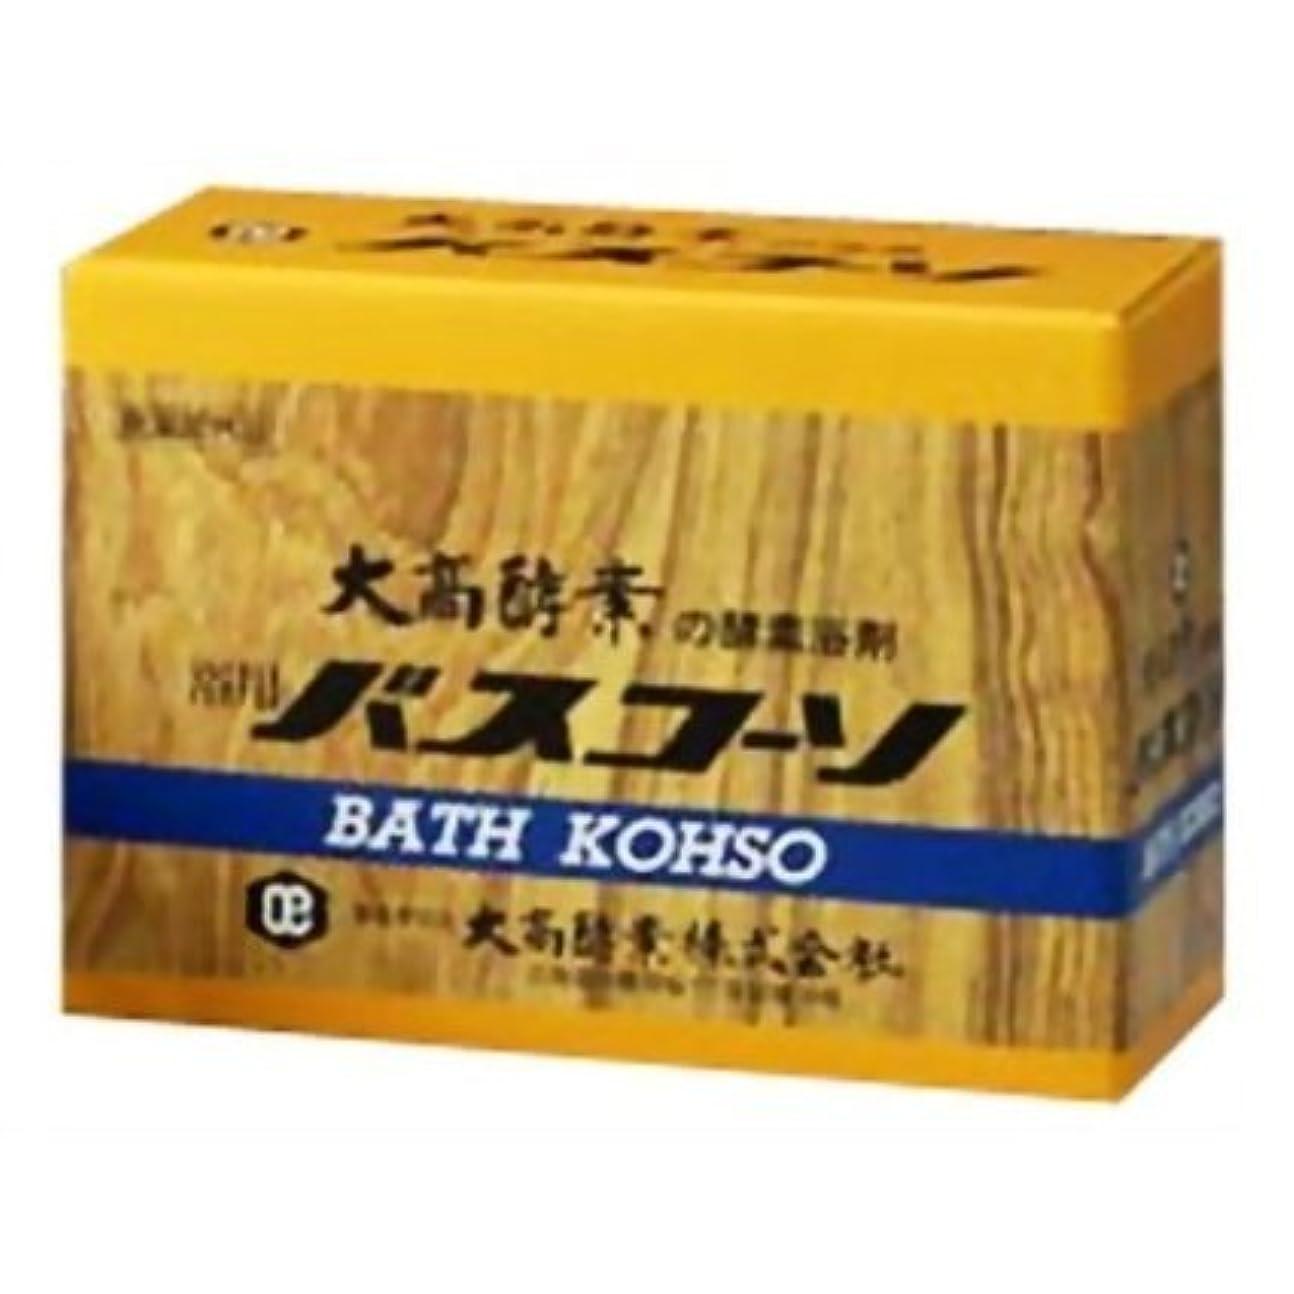 一杯制裁リーン大高酵素 浴用バスコーソ 100gx6 【4個セット】